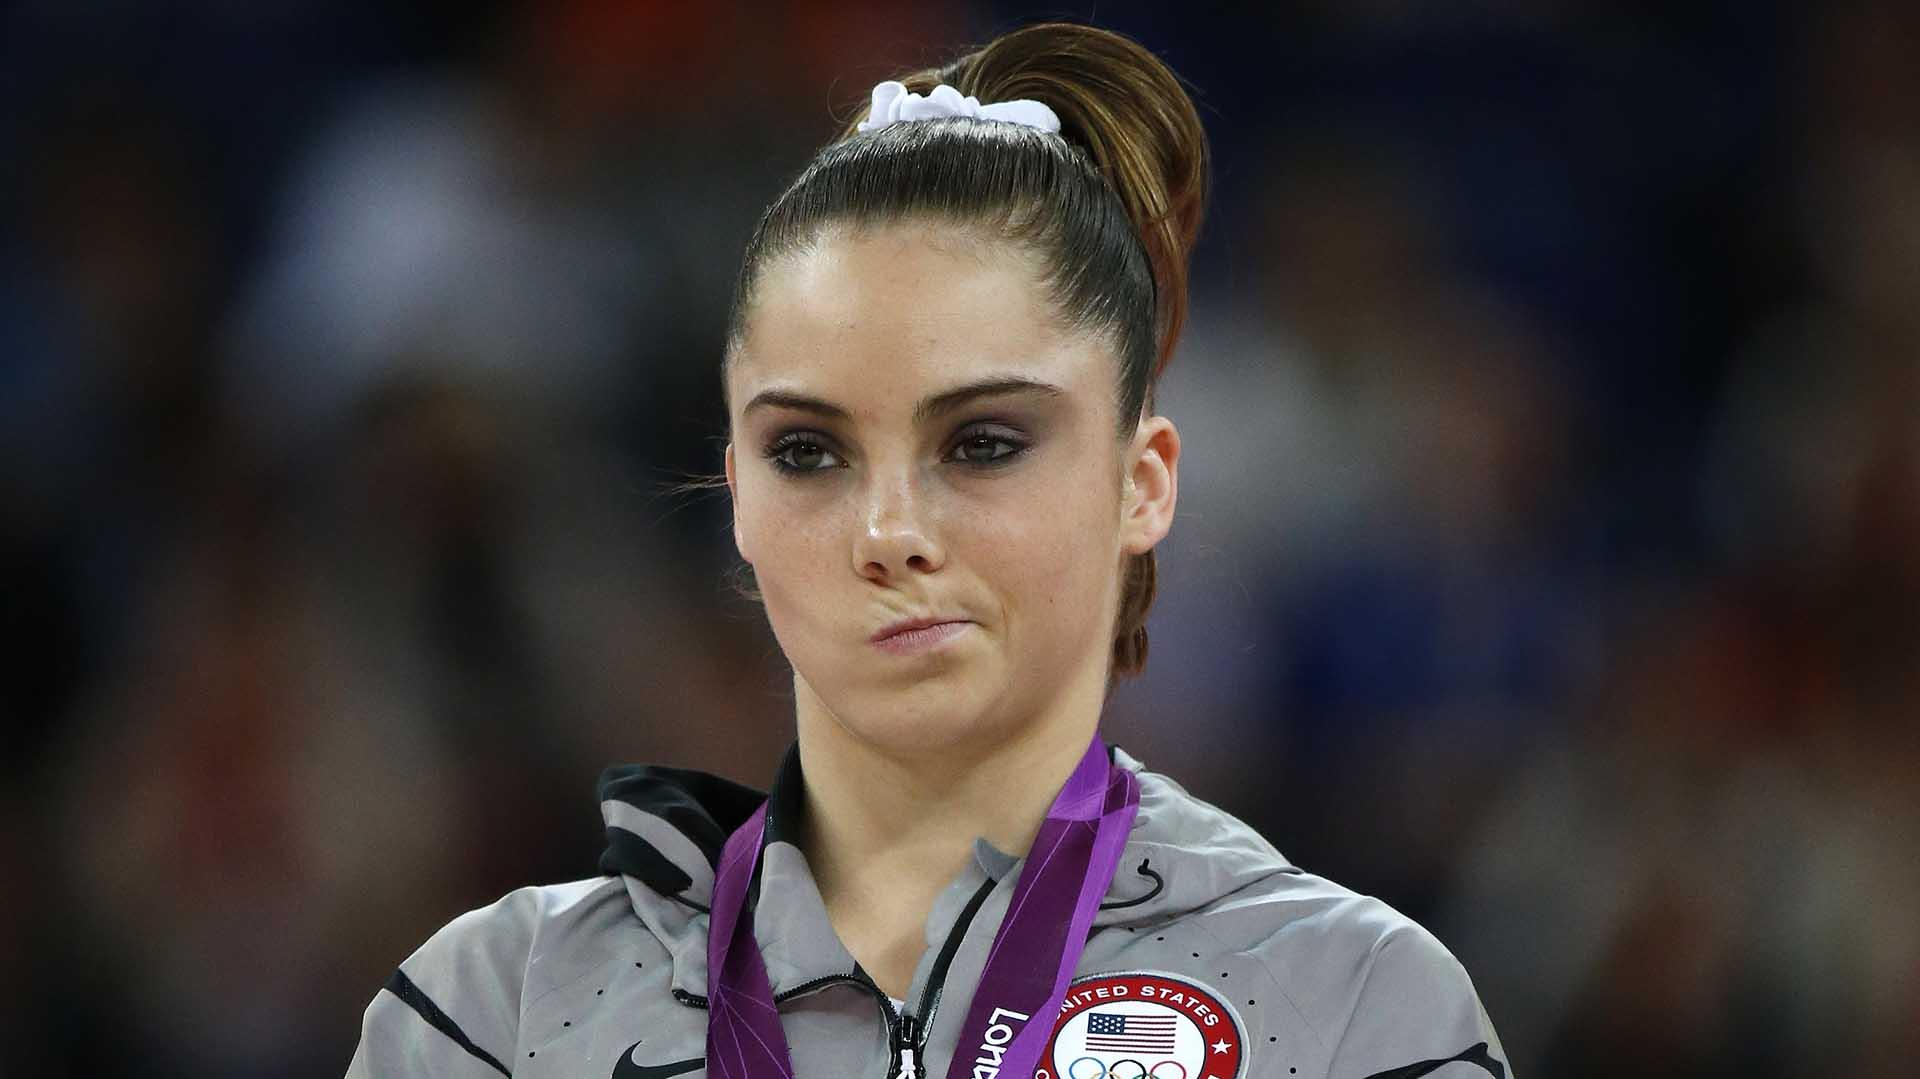 La norteamericana McKayla Maroney en sus tiempos de gimnasta olímpica (AFP)